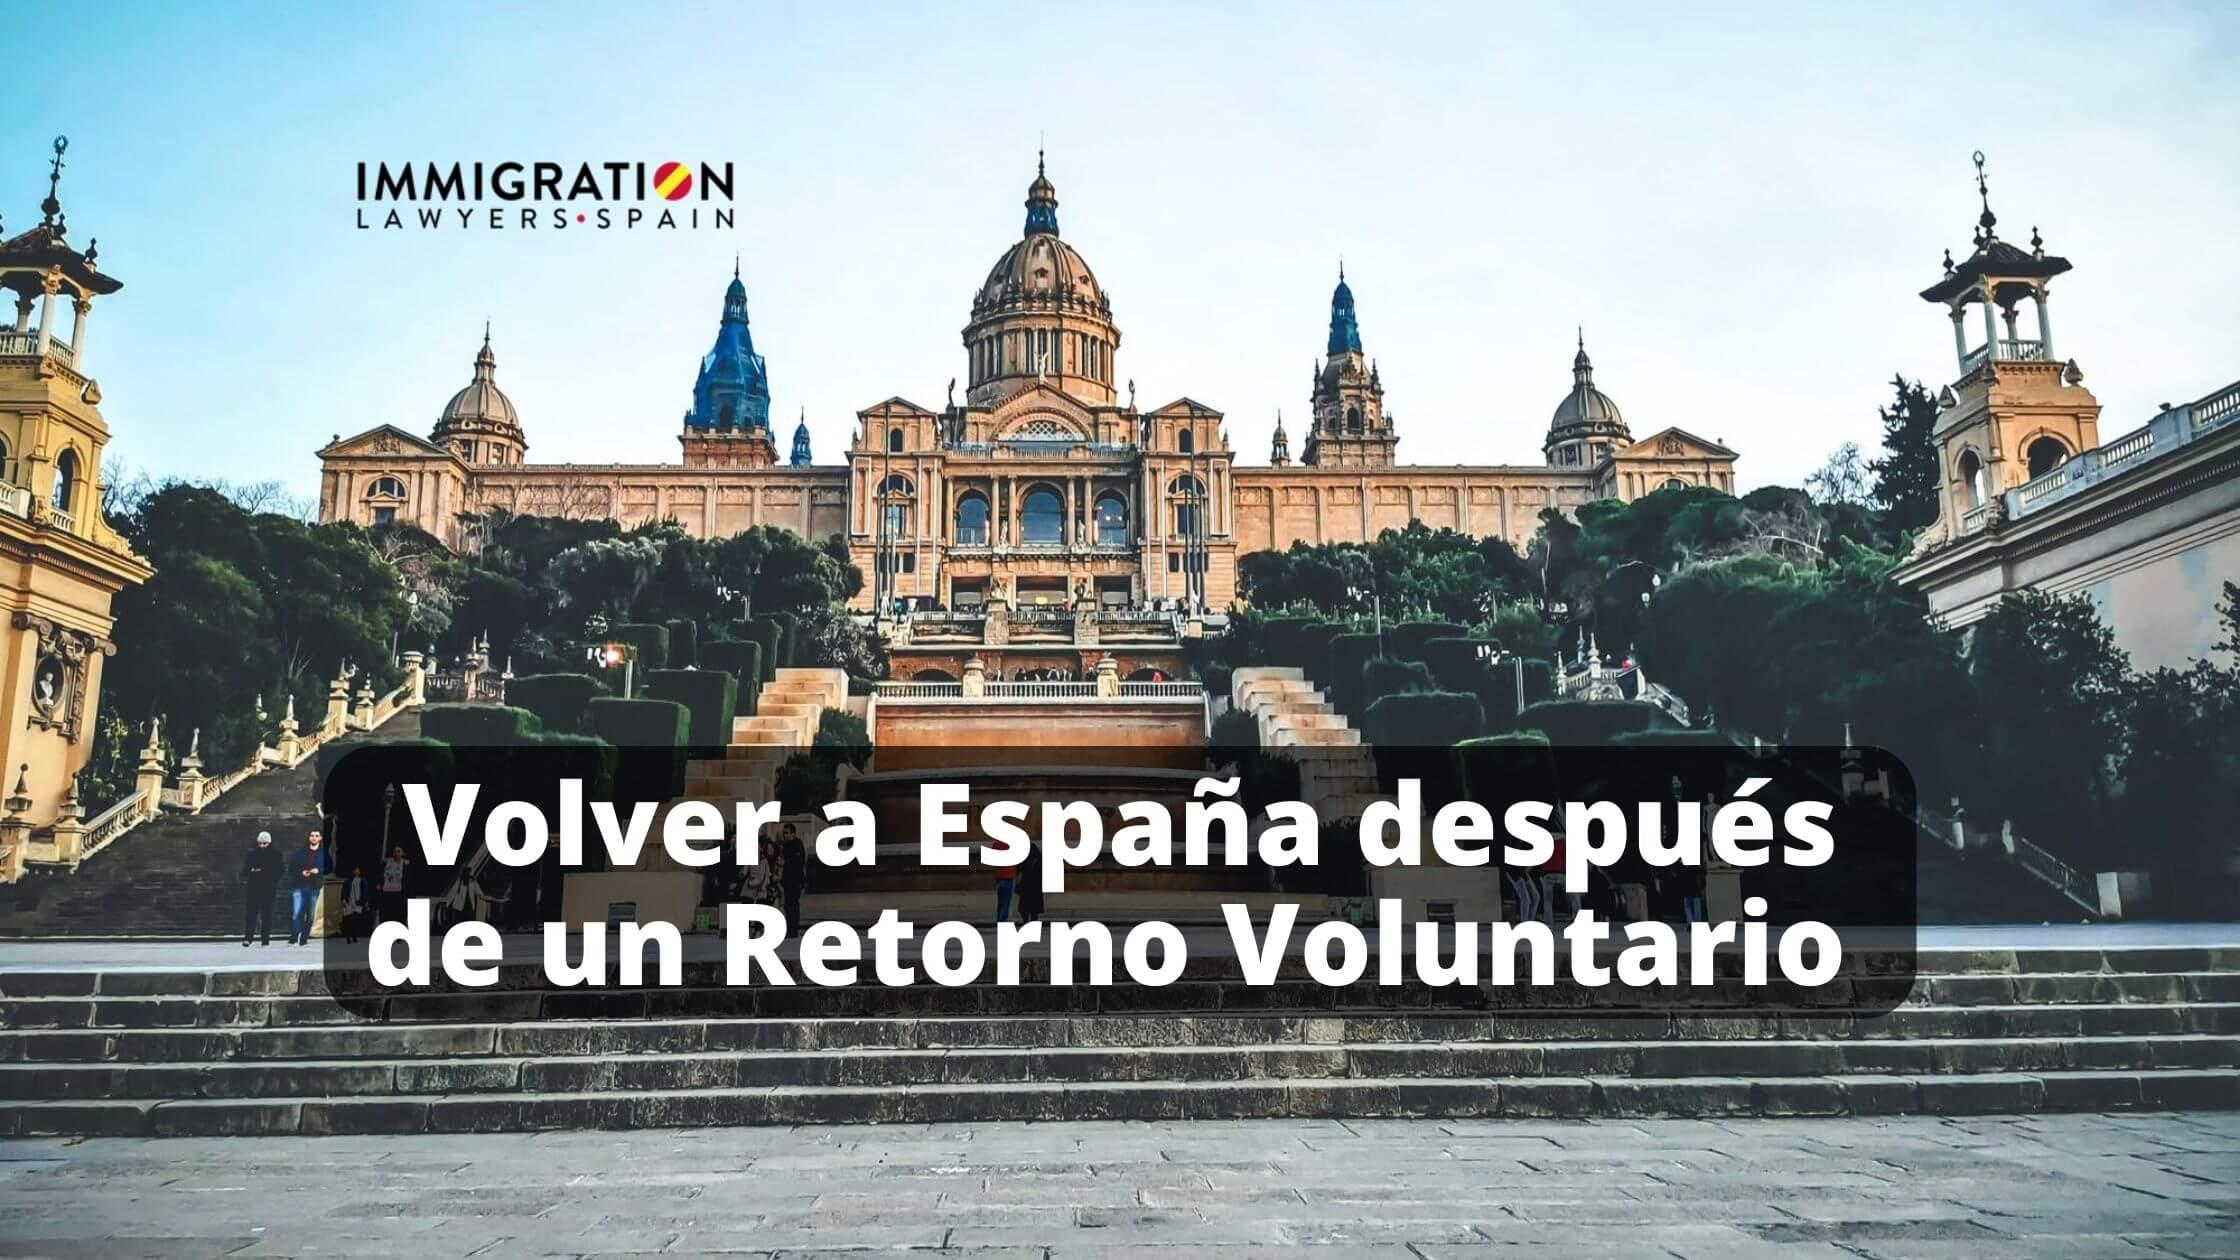 volver a España después de retorno voluntario